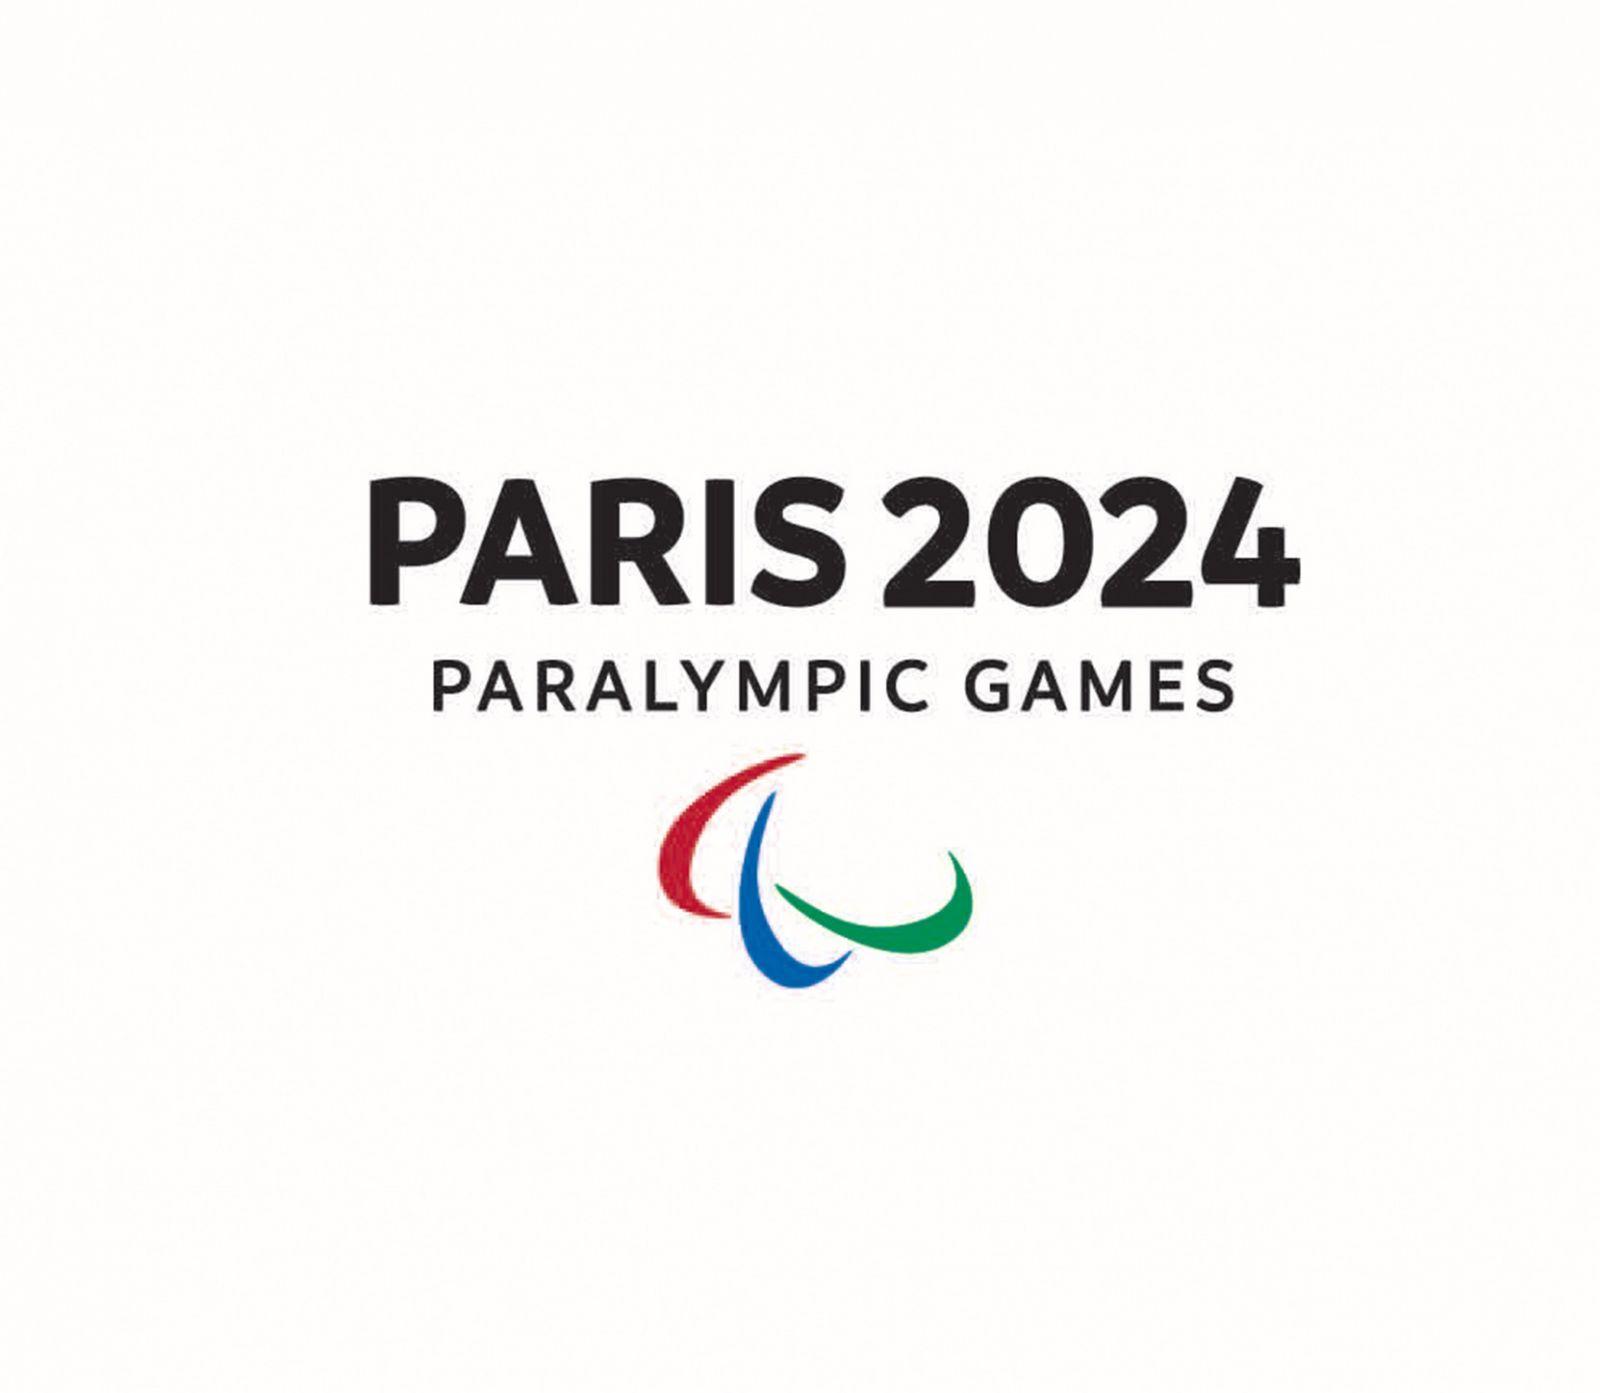 Футбол 7x7, гольф, футбол на электрических колясках и парусный спорт могут быть представлены на ПИ-2024 в Париже, по итогам заседания Исполкома МПК в Бонне